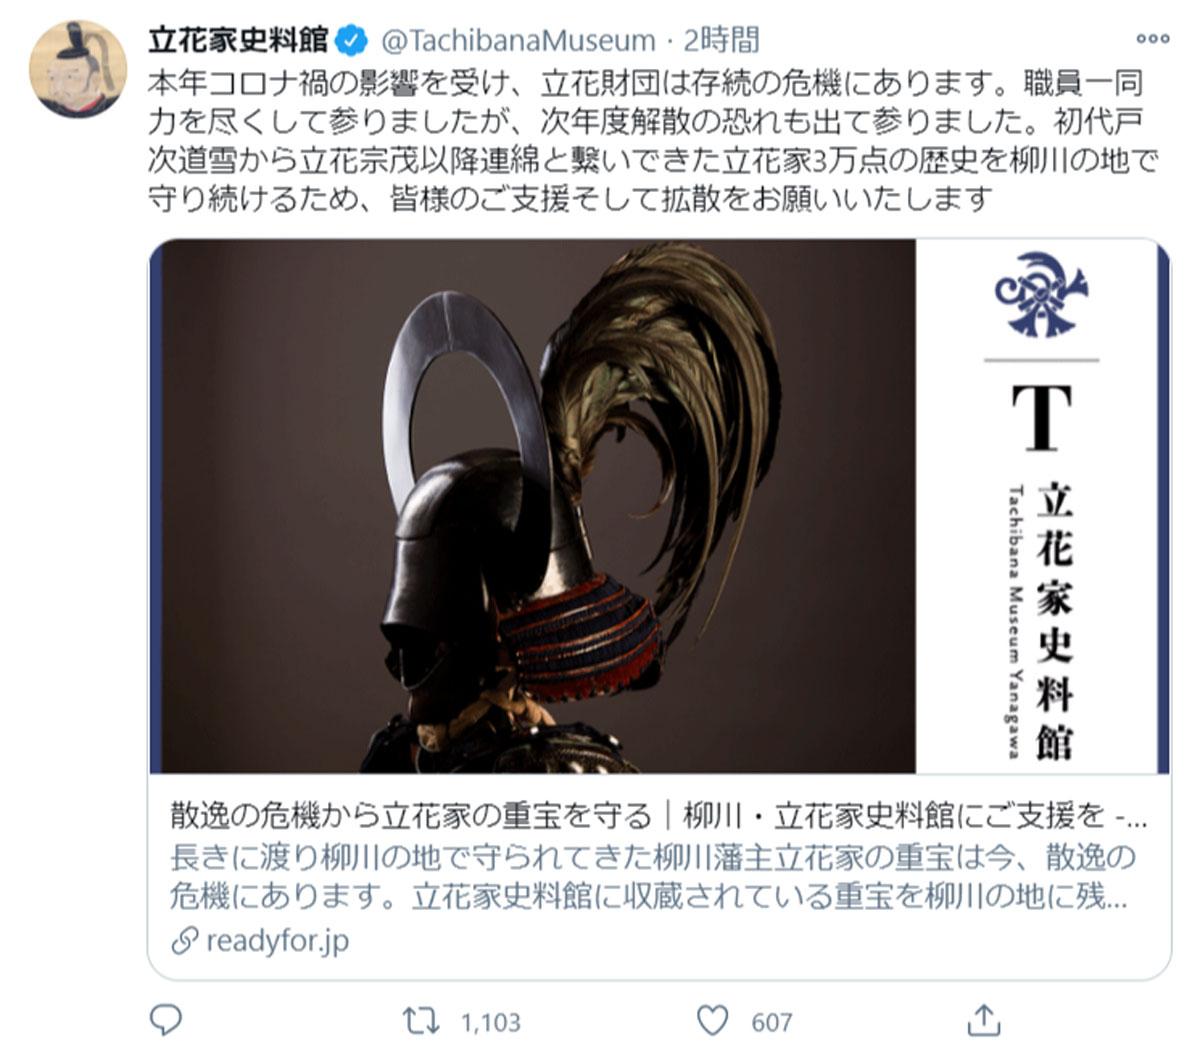 柳川藩立花家の重宝を散逸から救え 立花家史料館クラウドファンディング開始